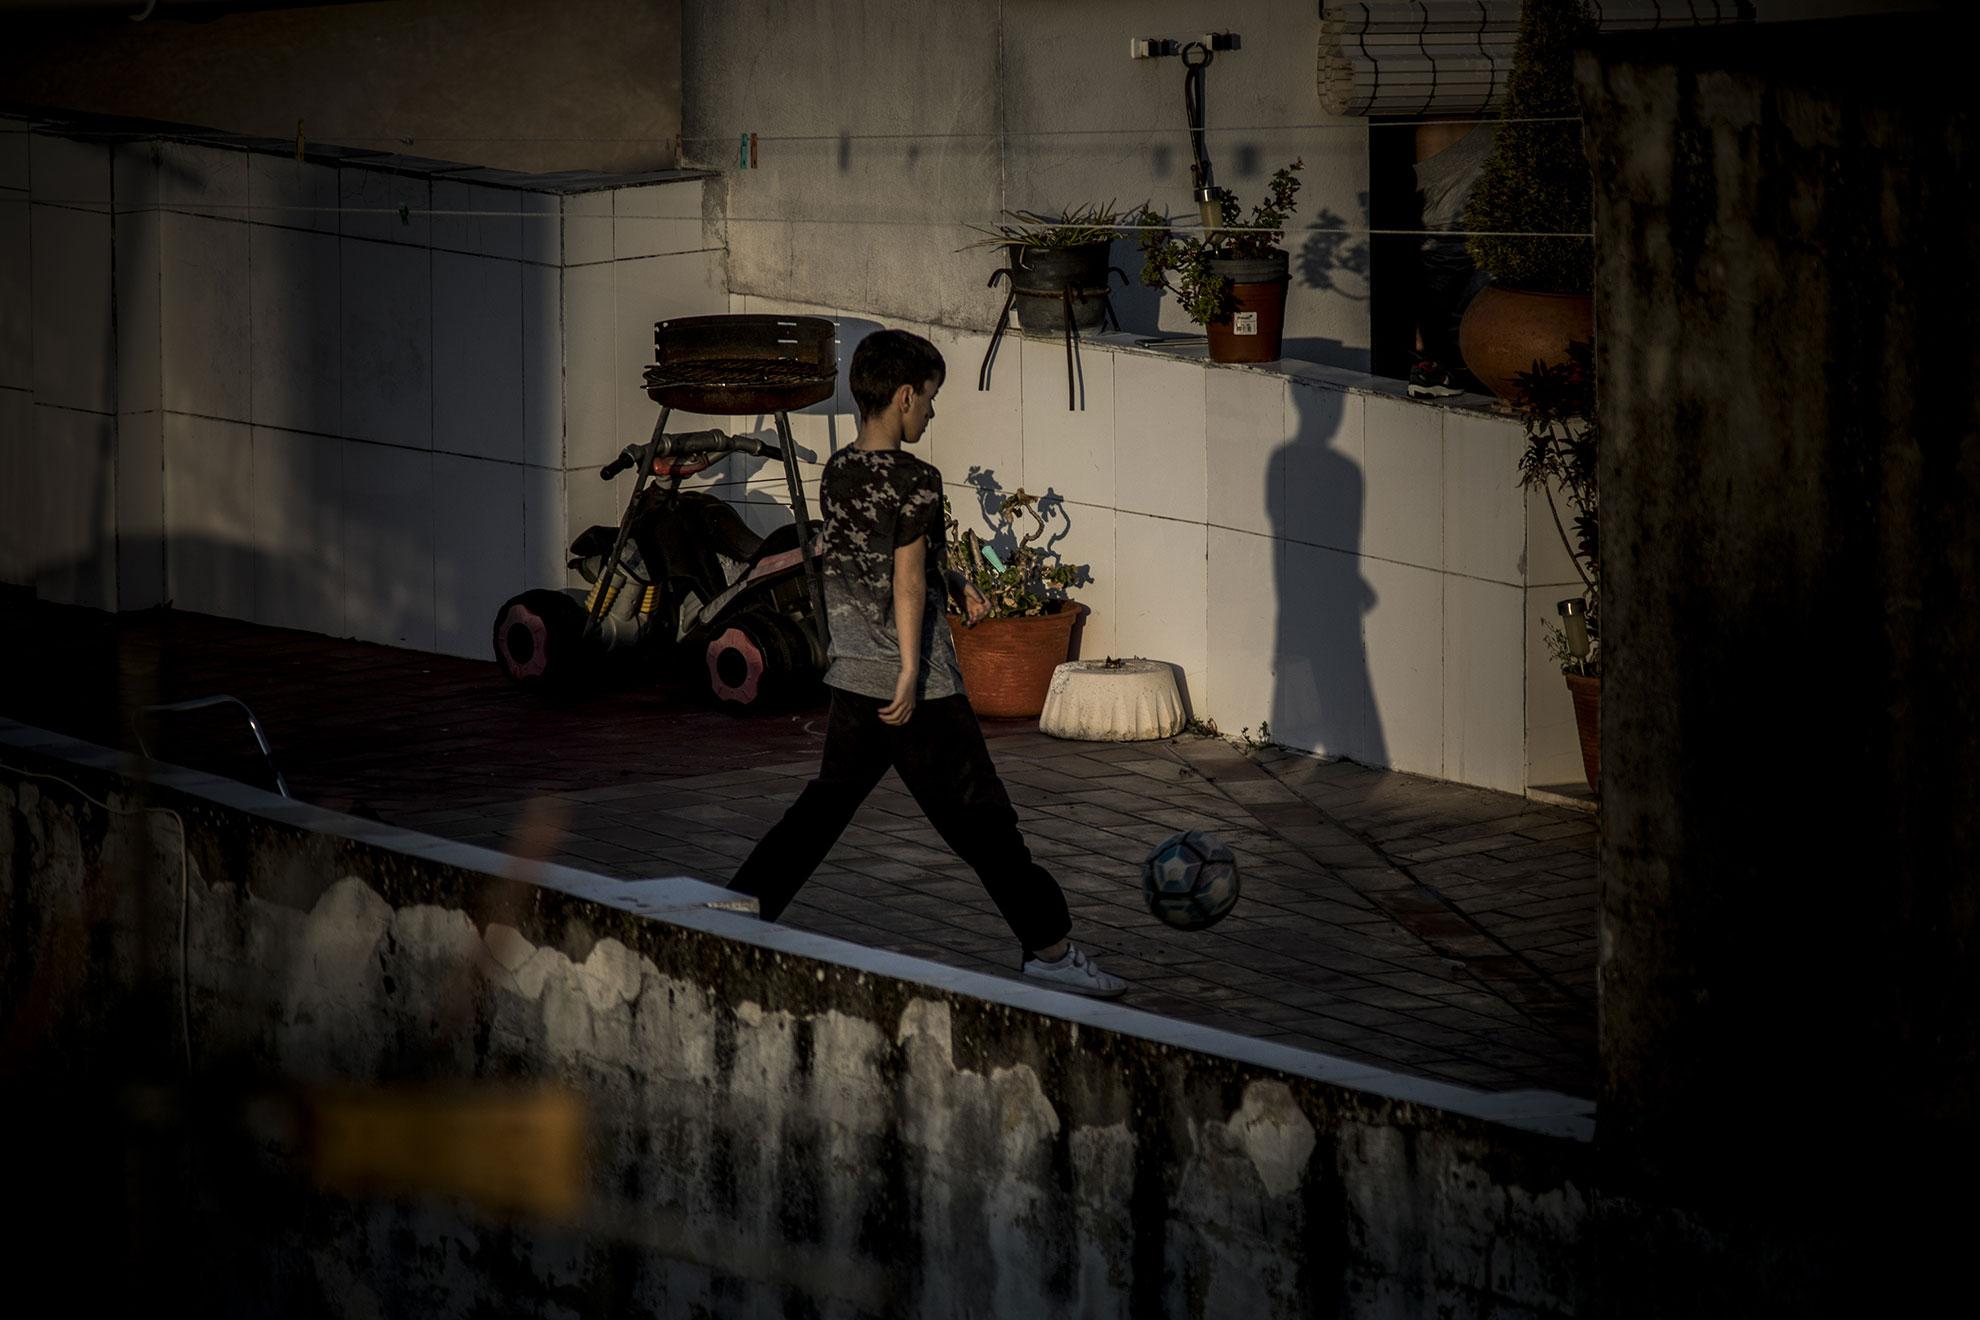 Las azoteas, terrazas o patios se han convertido en lugares de juegos para los niños tras 15 días de confinamiento domiciliario.